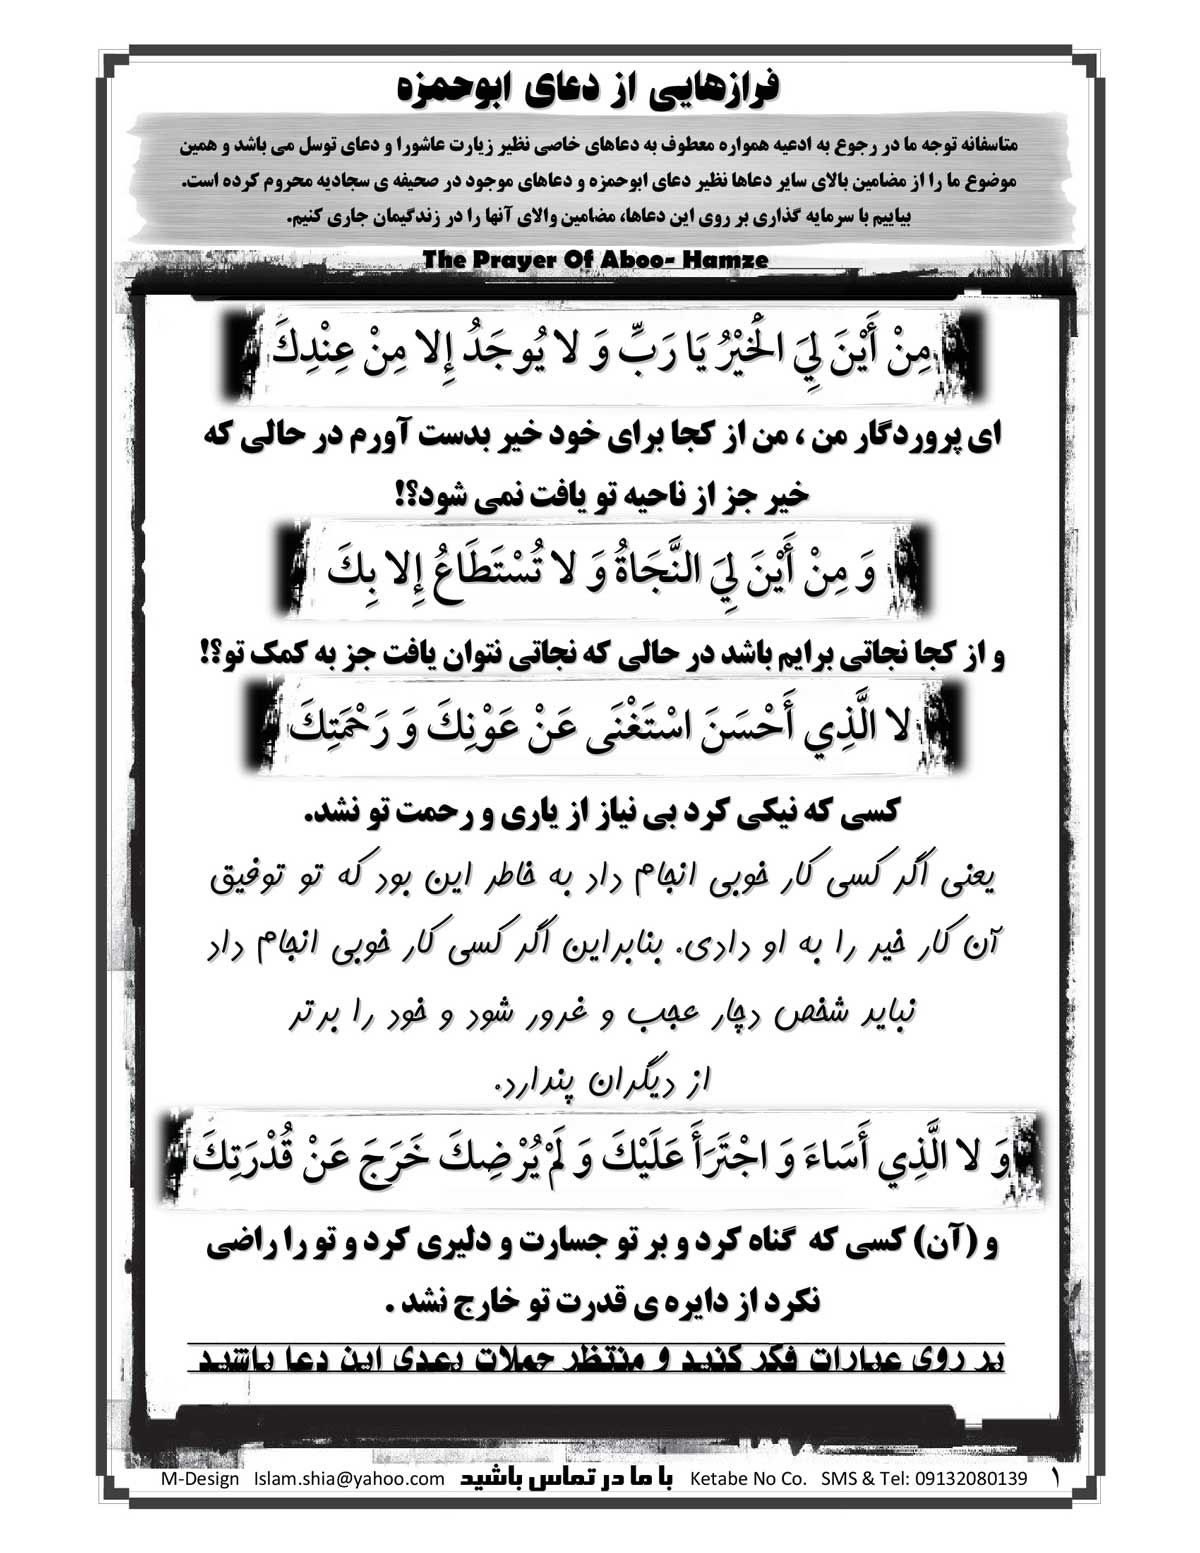 فرازهایی از دعای ابوحمزه  بردهای فرهنگی مسعود مردیها